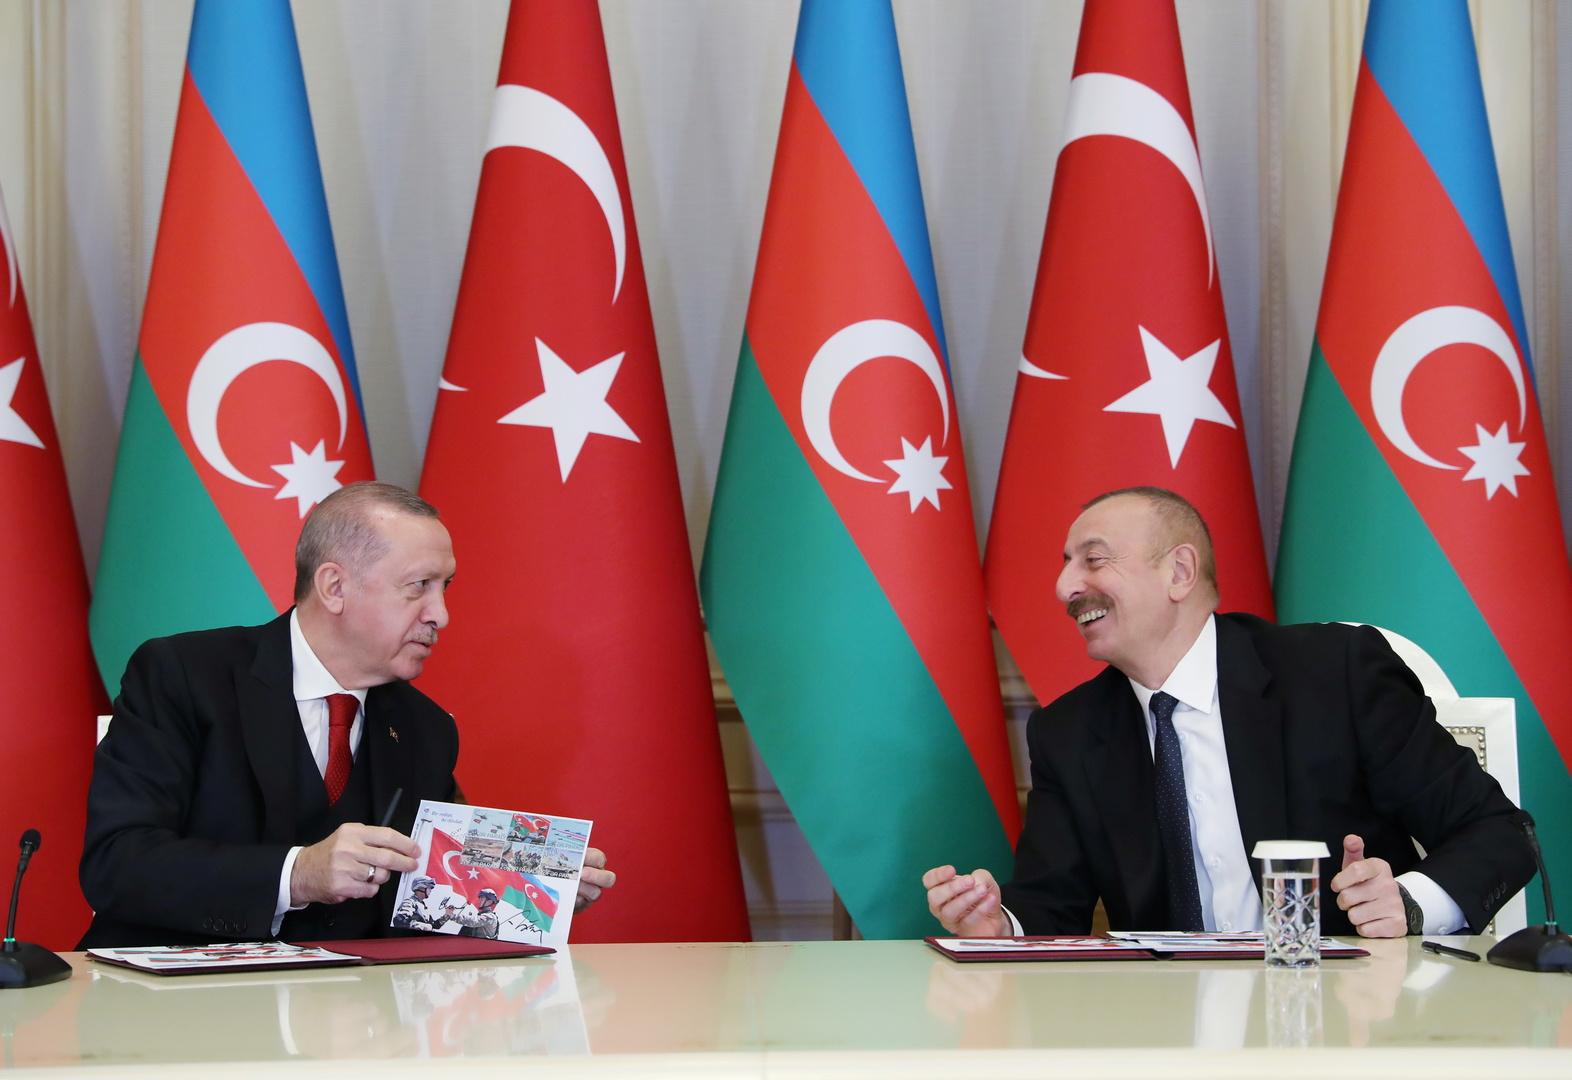 الرئيس الأذربيجاني إلهام علييف والرئيس التركي رجب طيب أردوغان